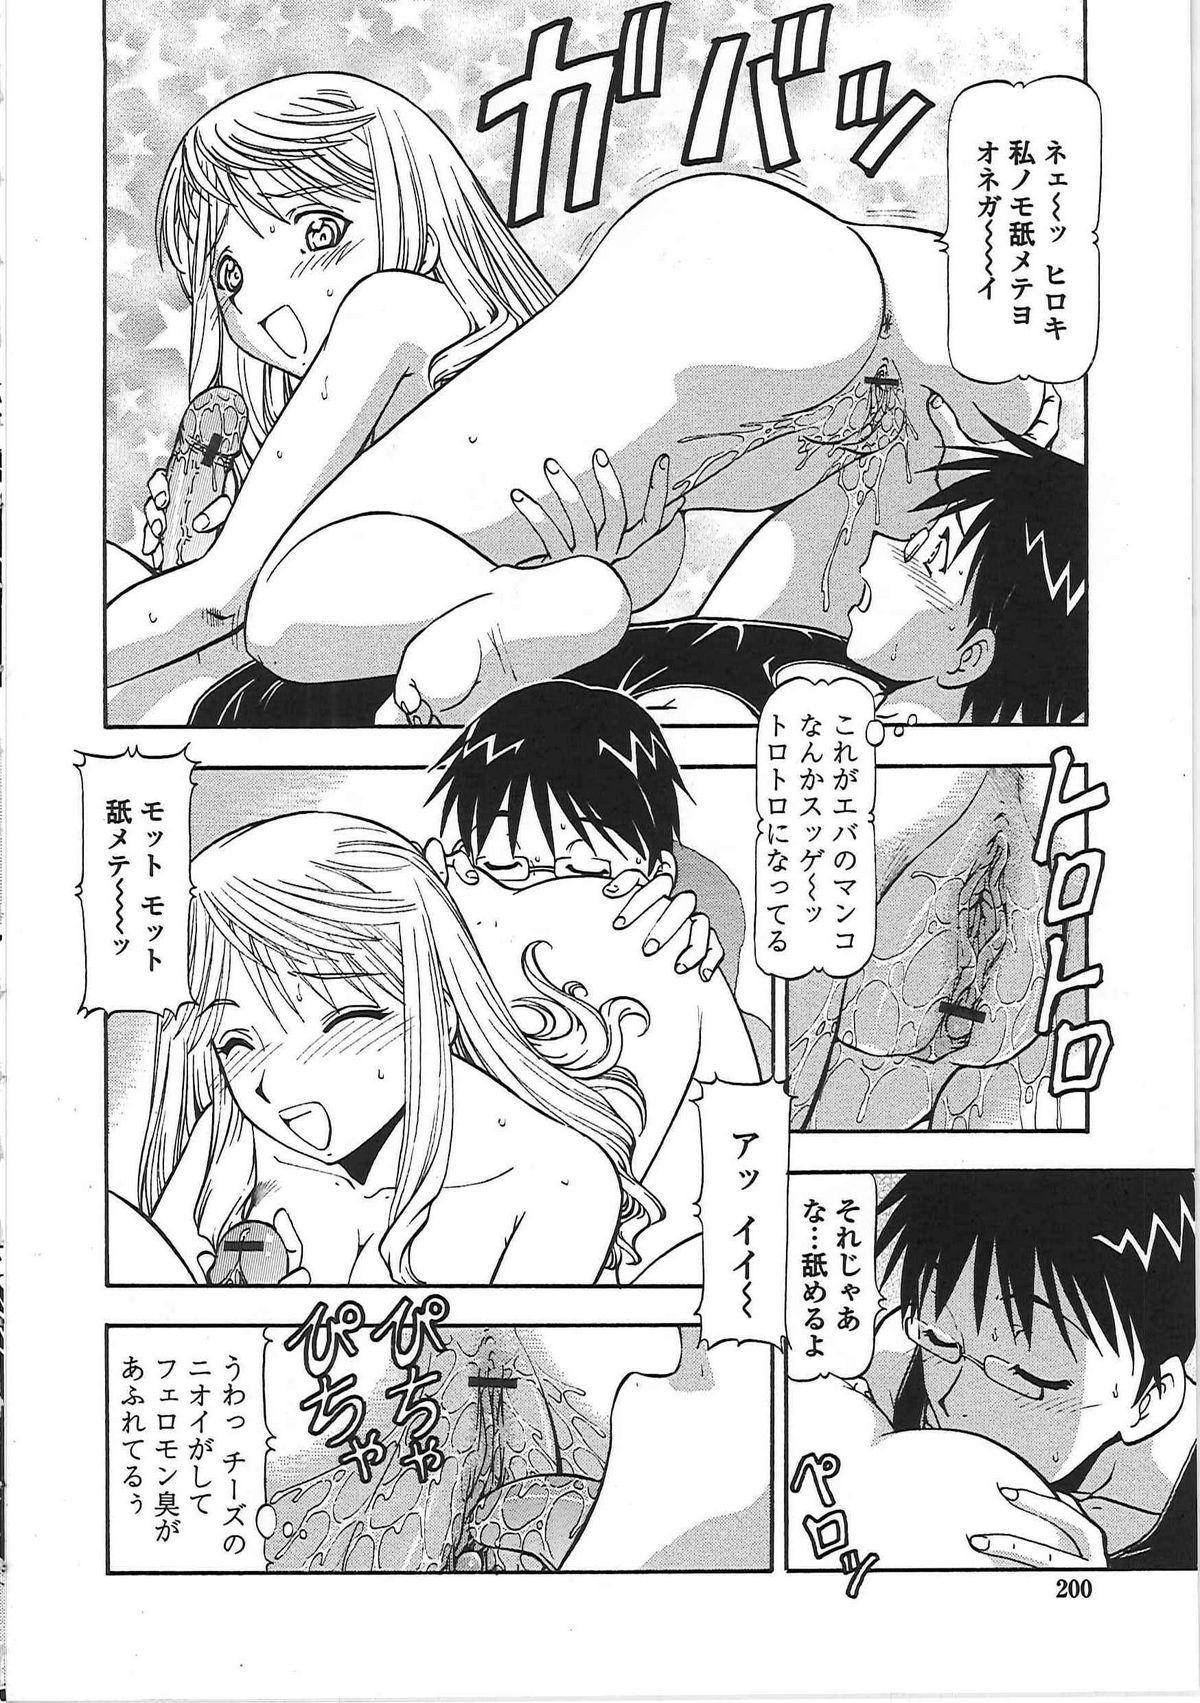 Hentai Iinchou 204